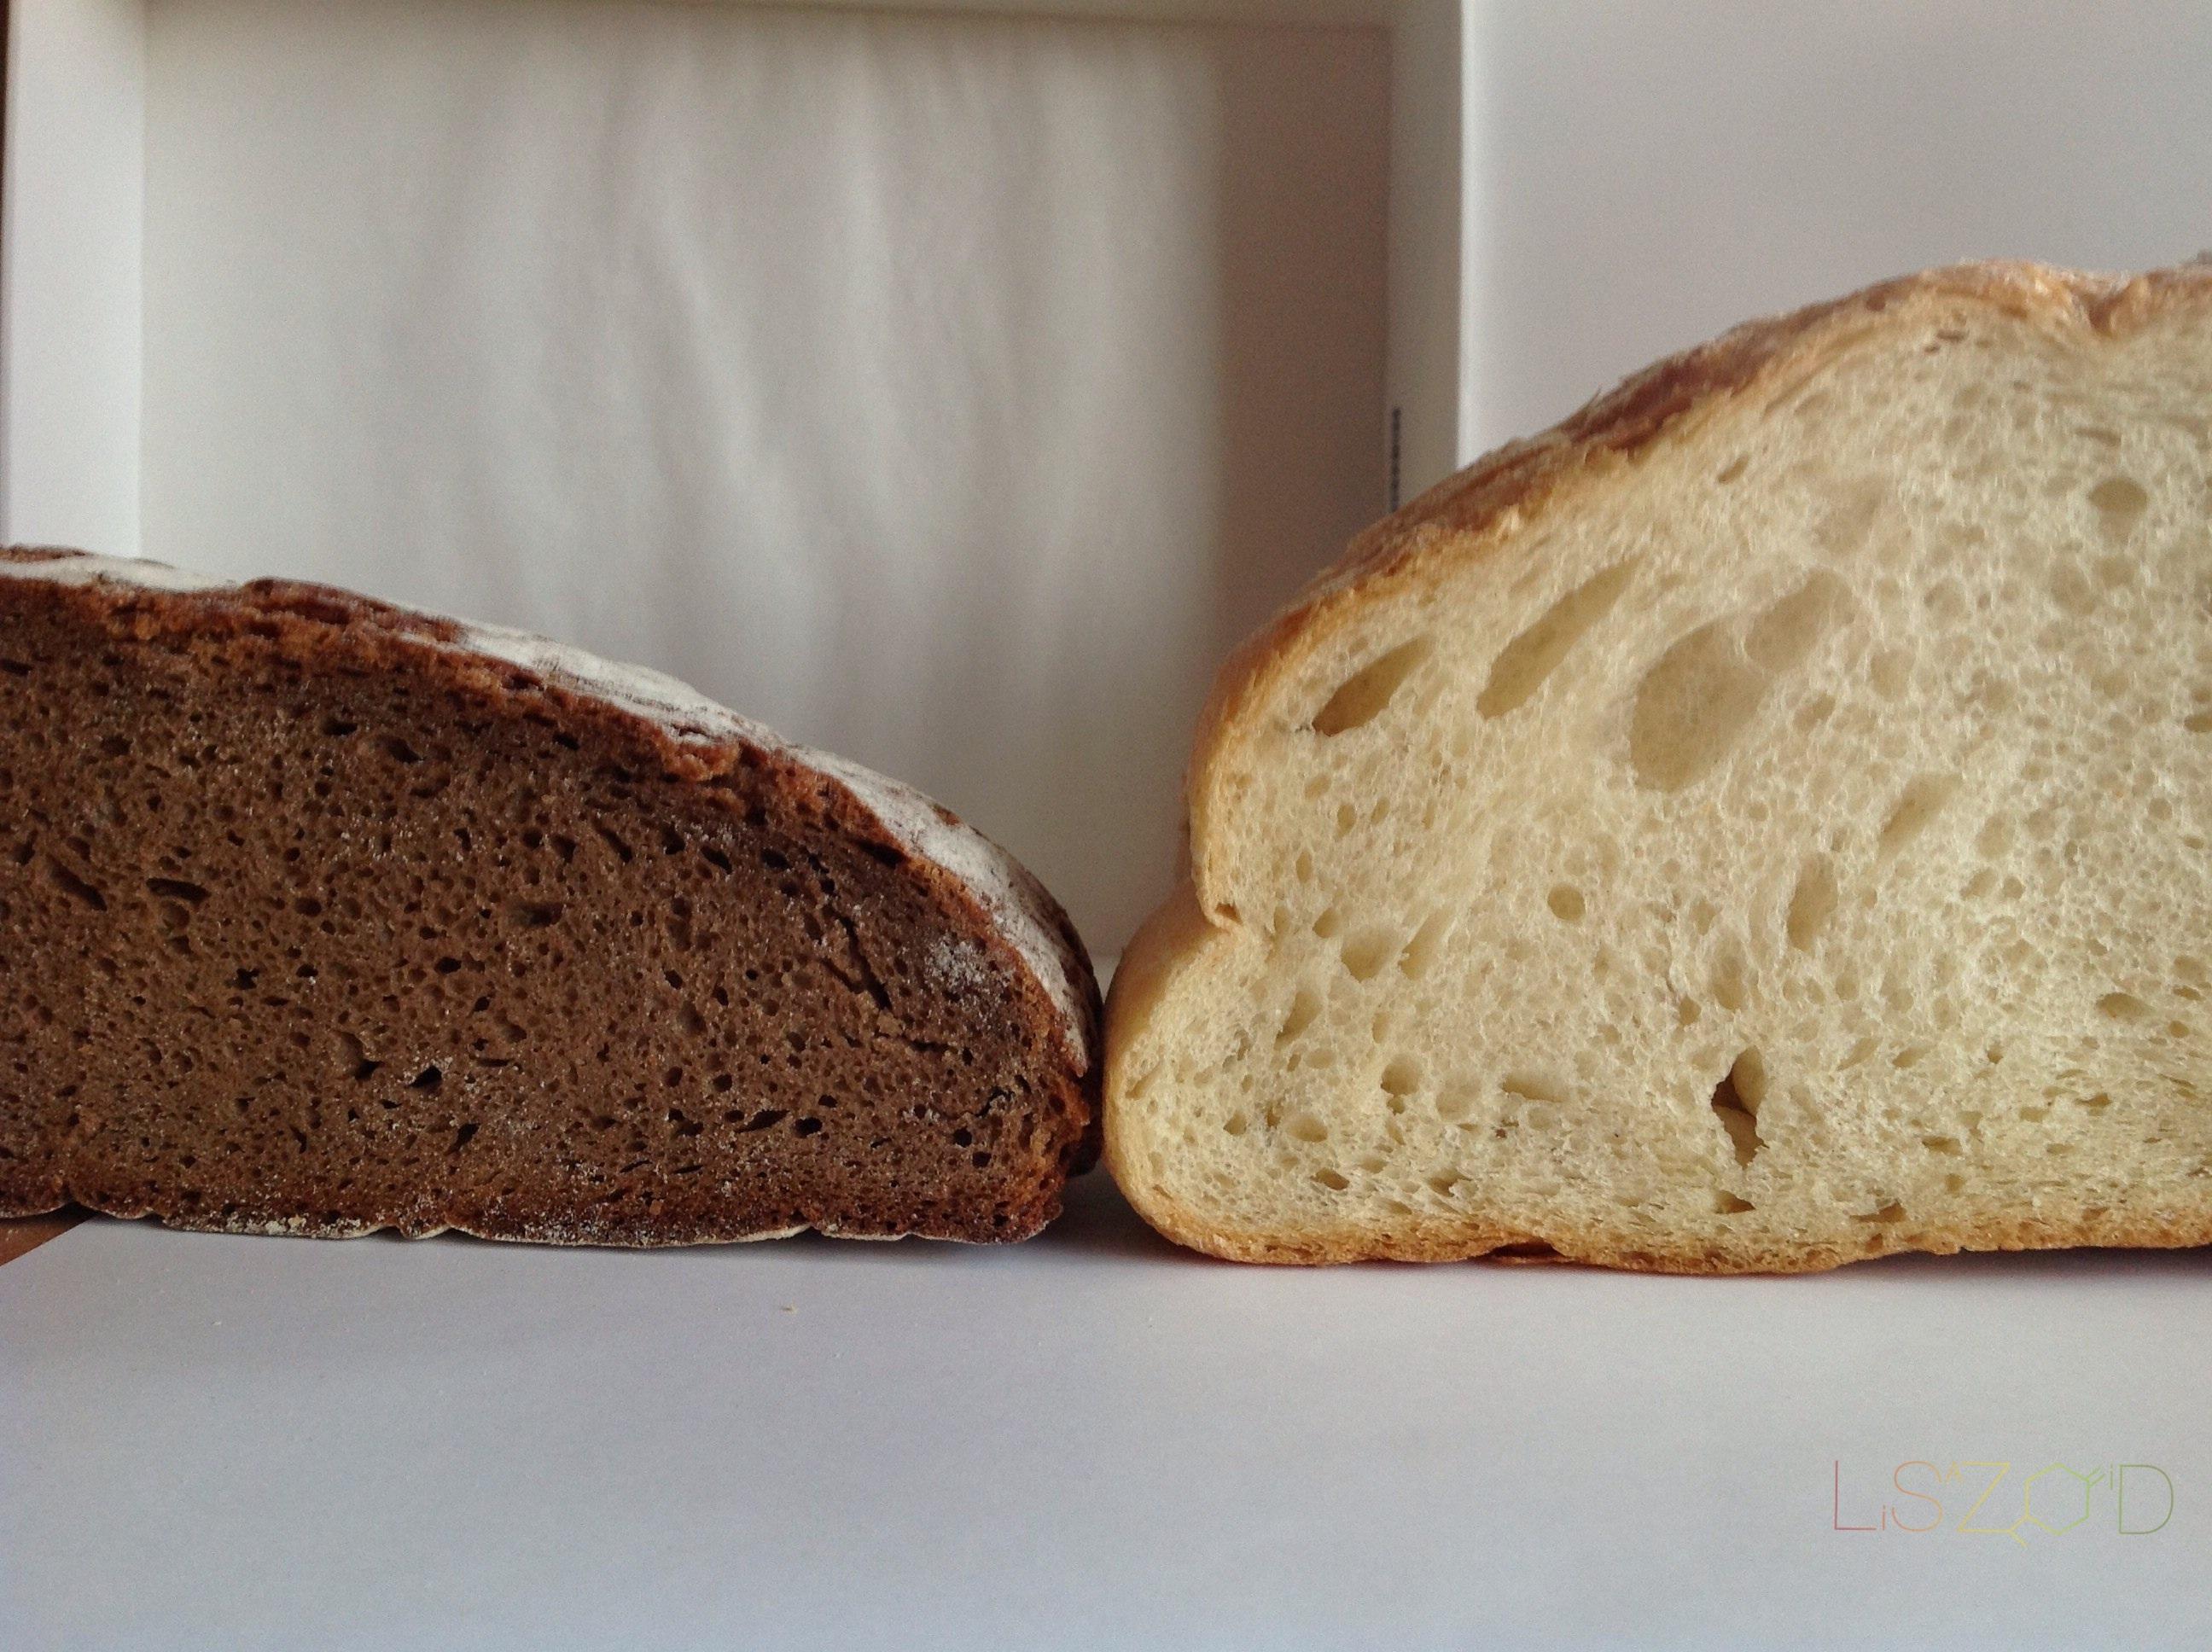 Poređenje ražano i pšeničnog hleba